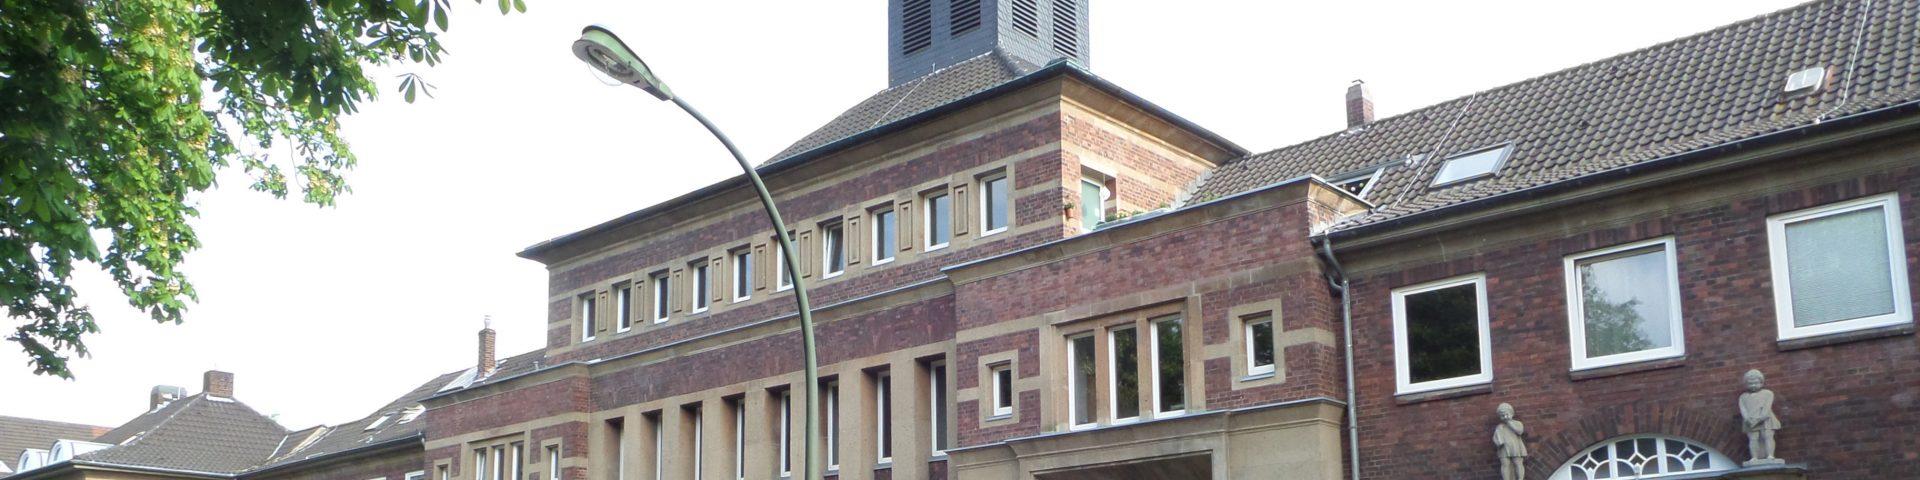 Lutherkirche von Nordwesten aufgenommen